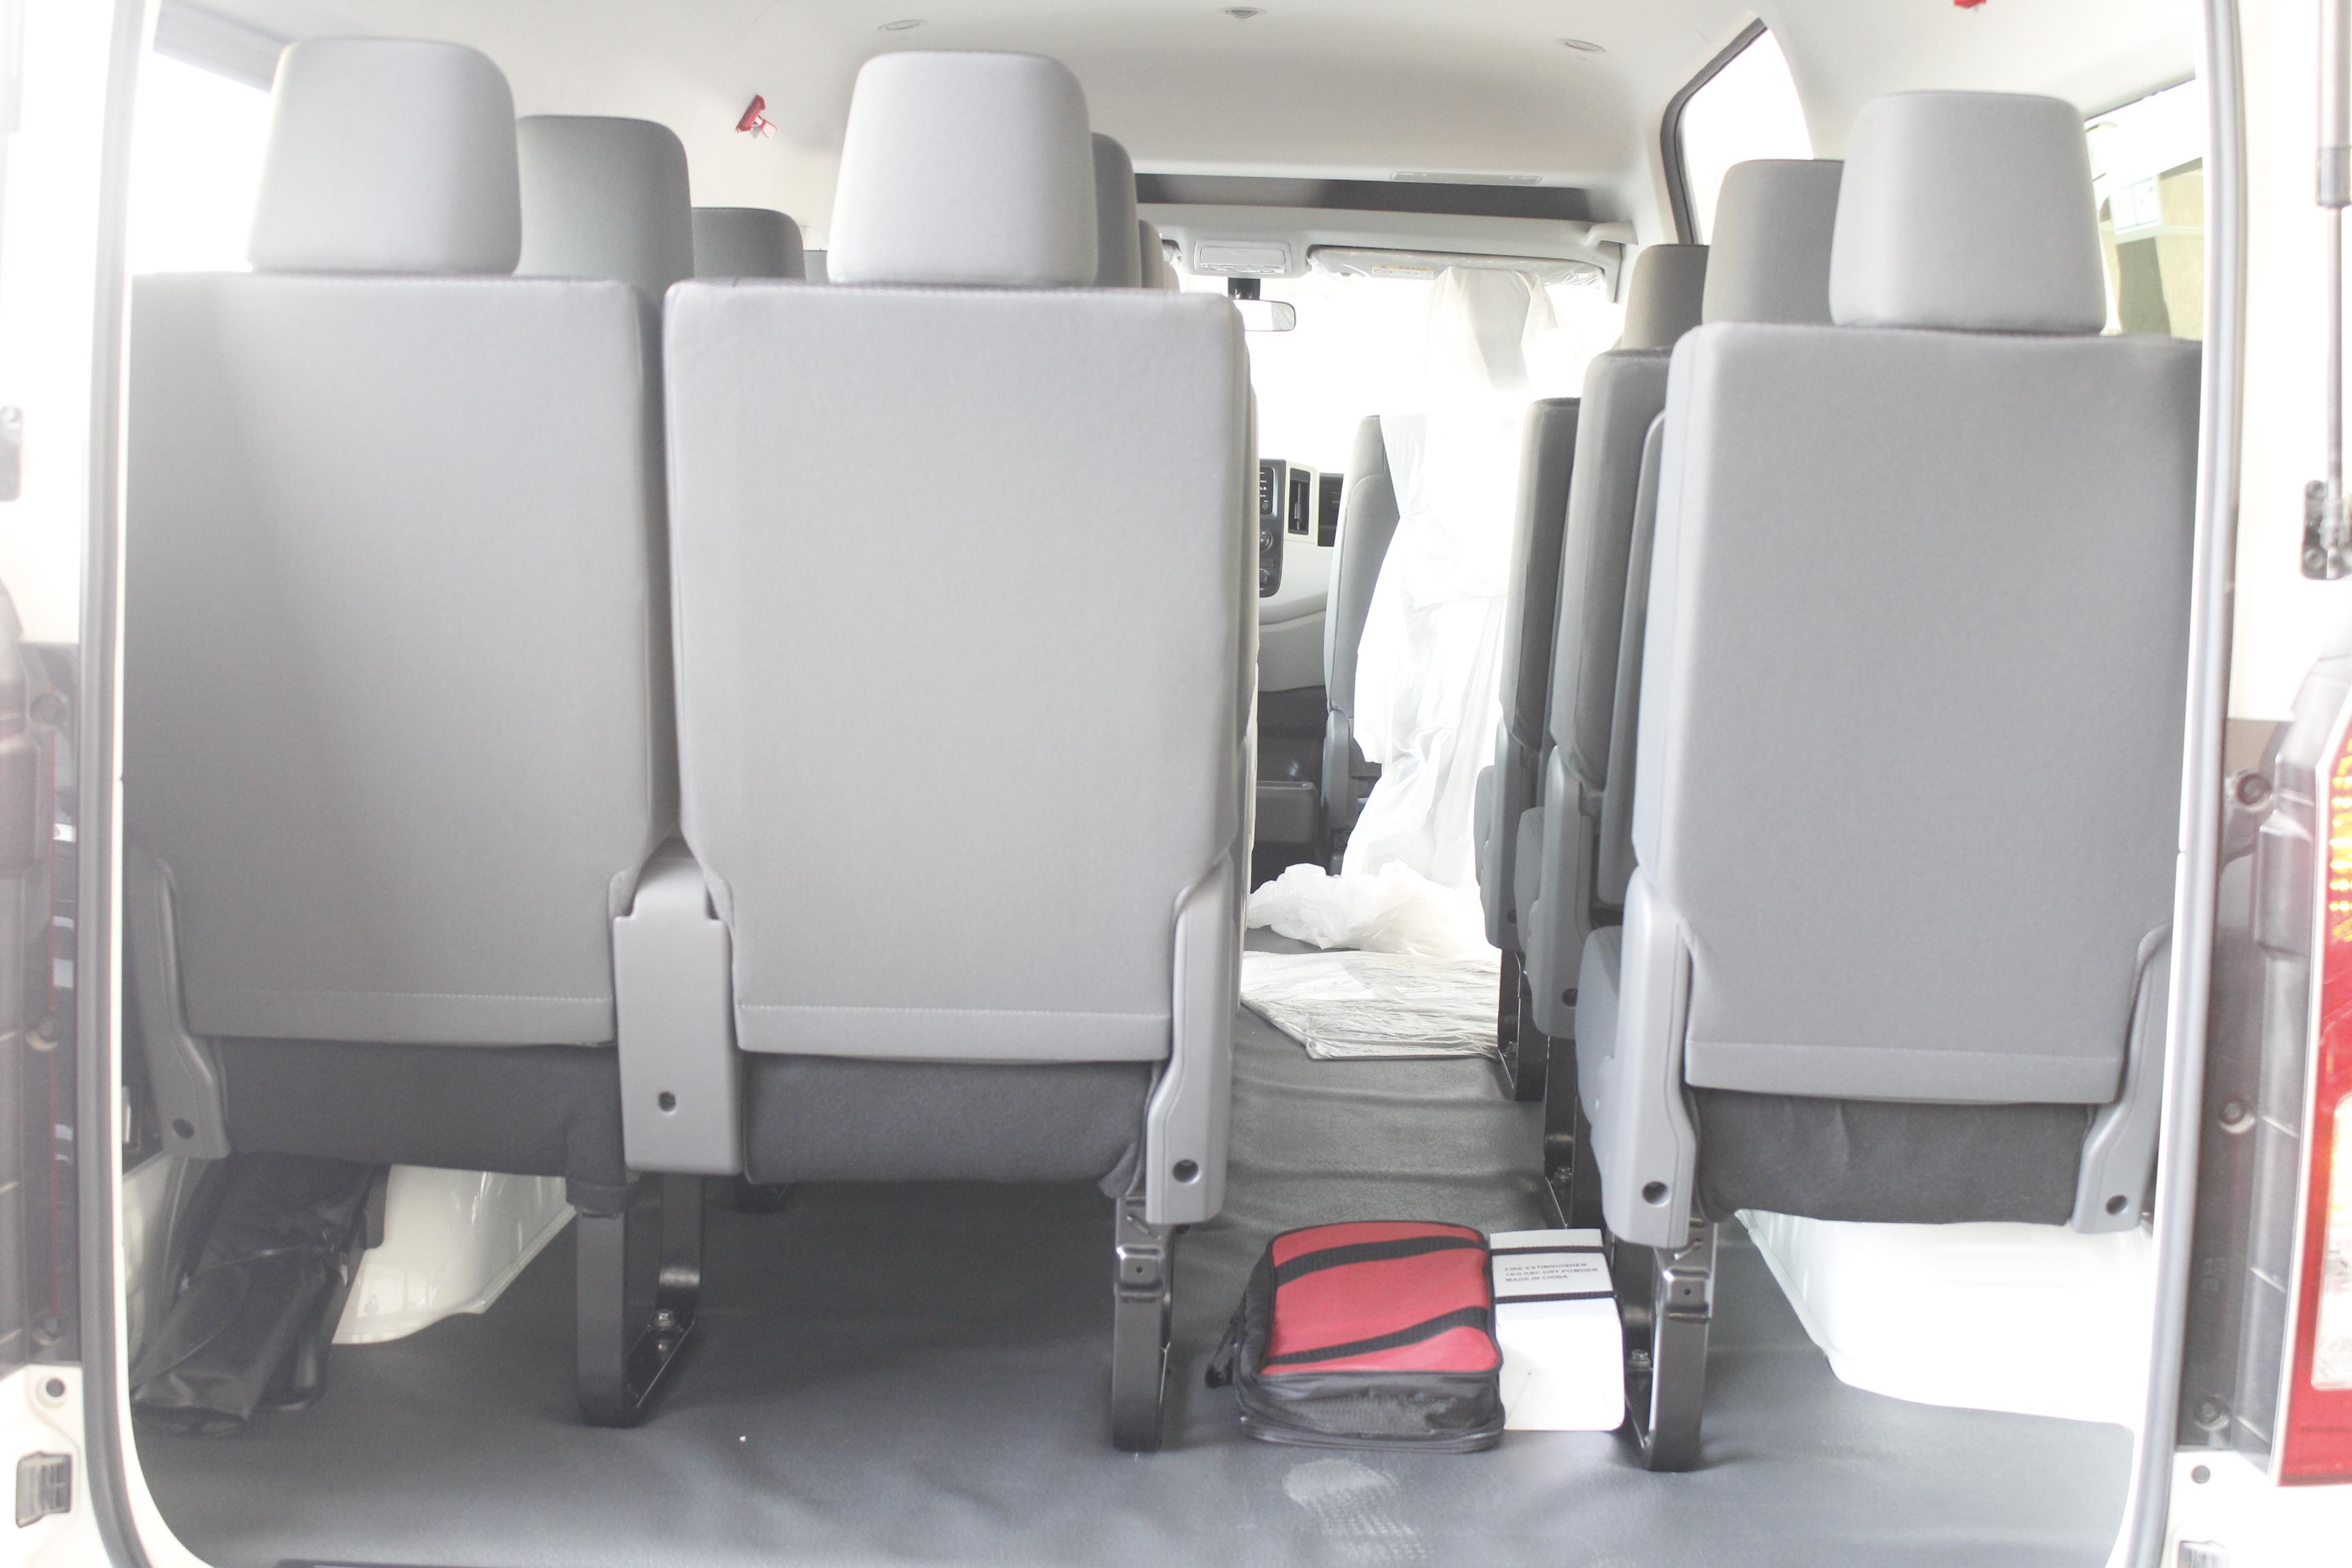 مباع - تويوتا  هايس  ركاب  2022 سعودي 13 راكب للبيع في الرياض - السعودية - صورة كبيرة - 9